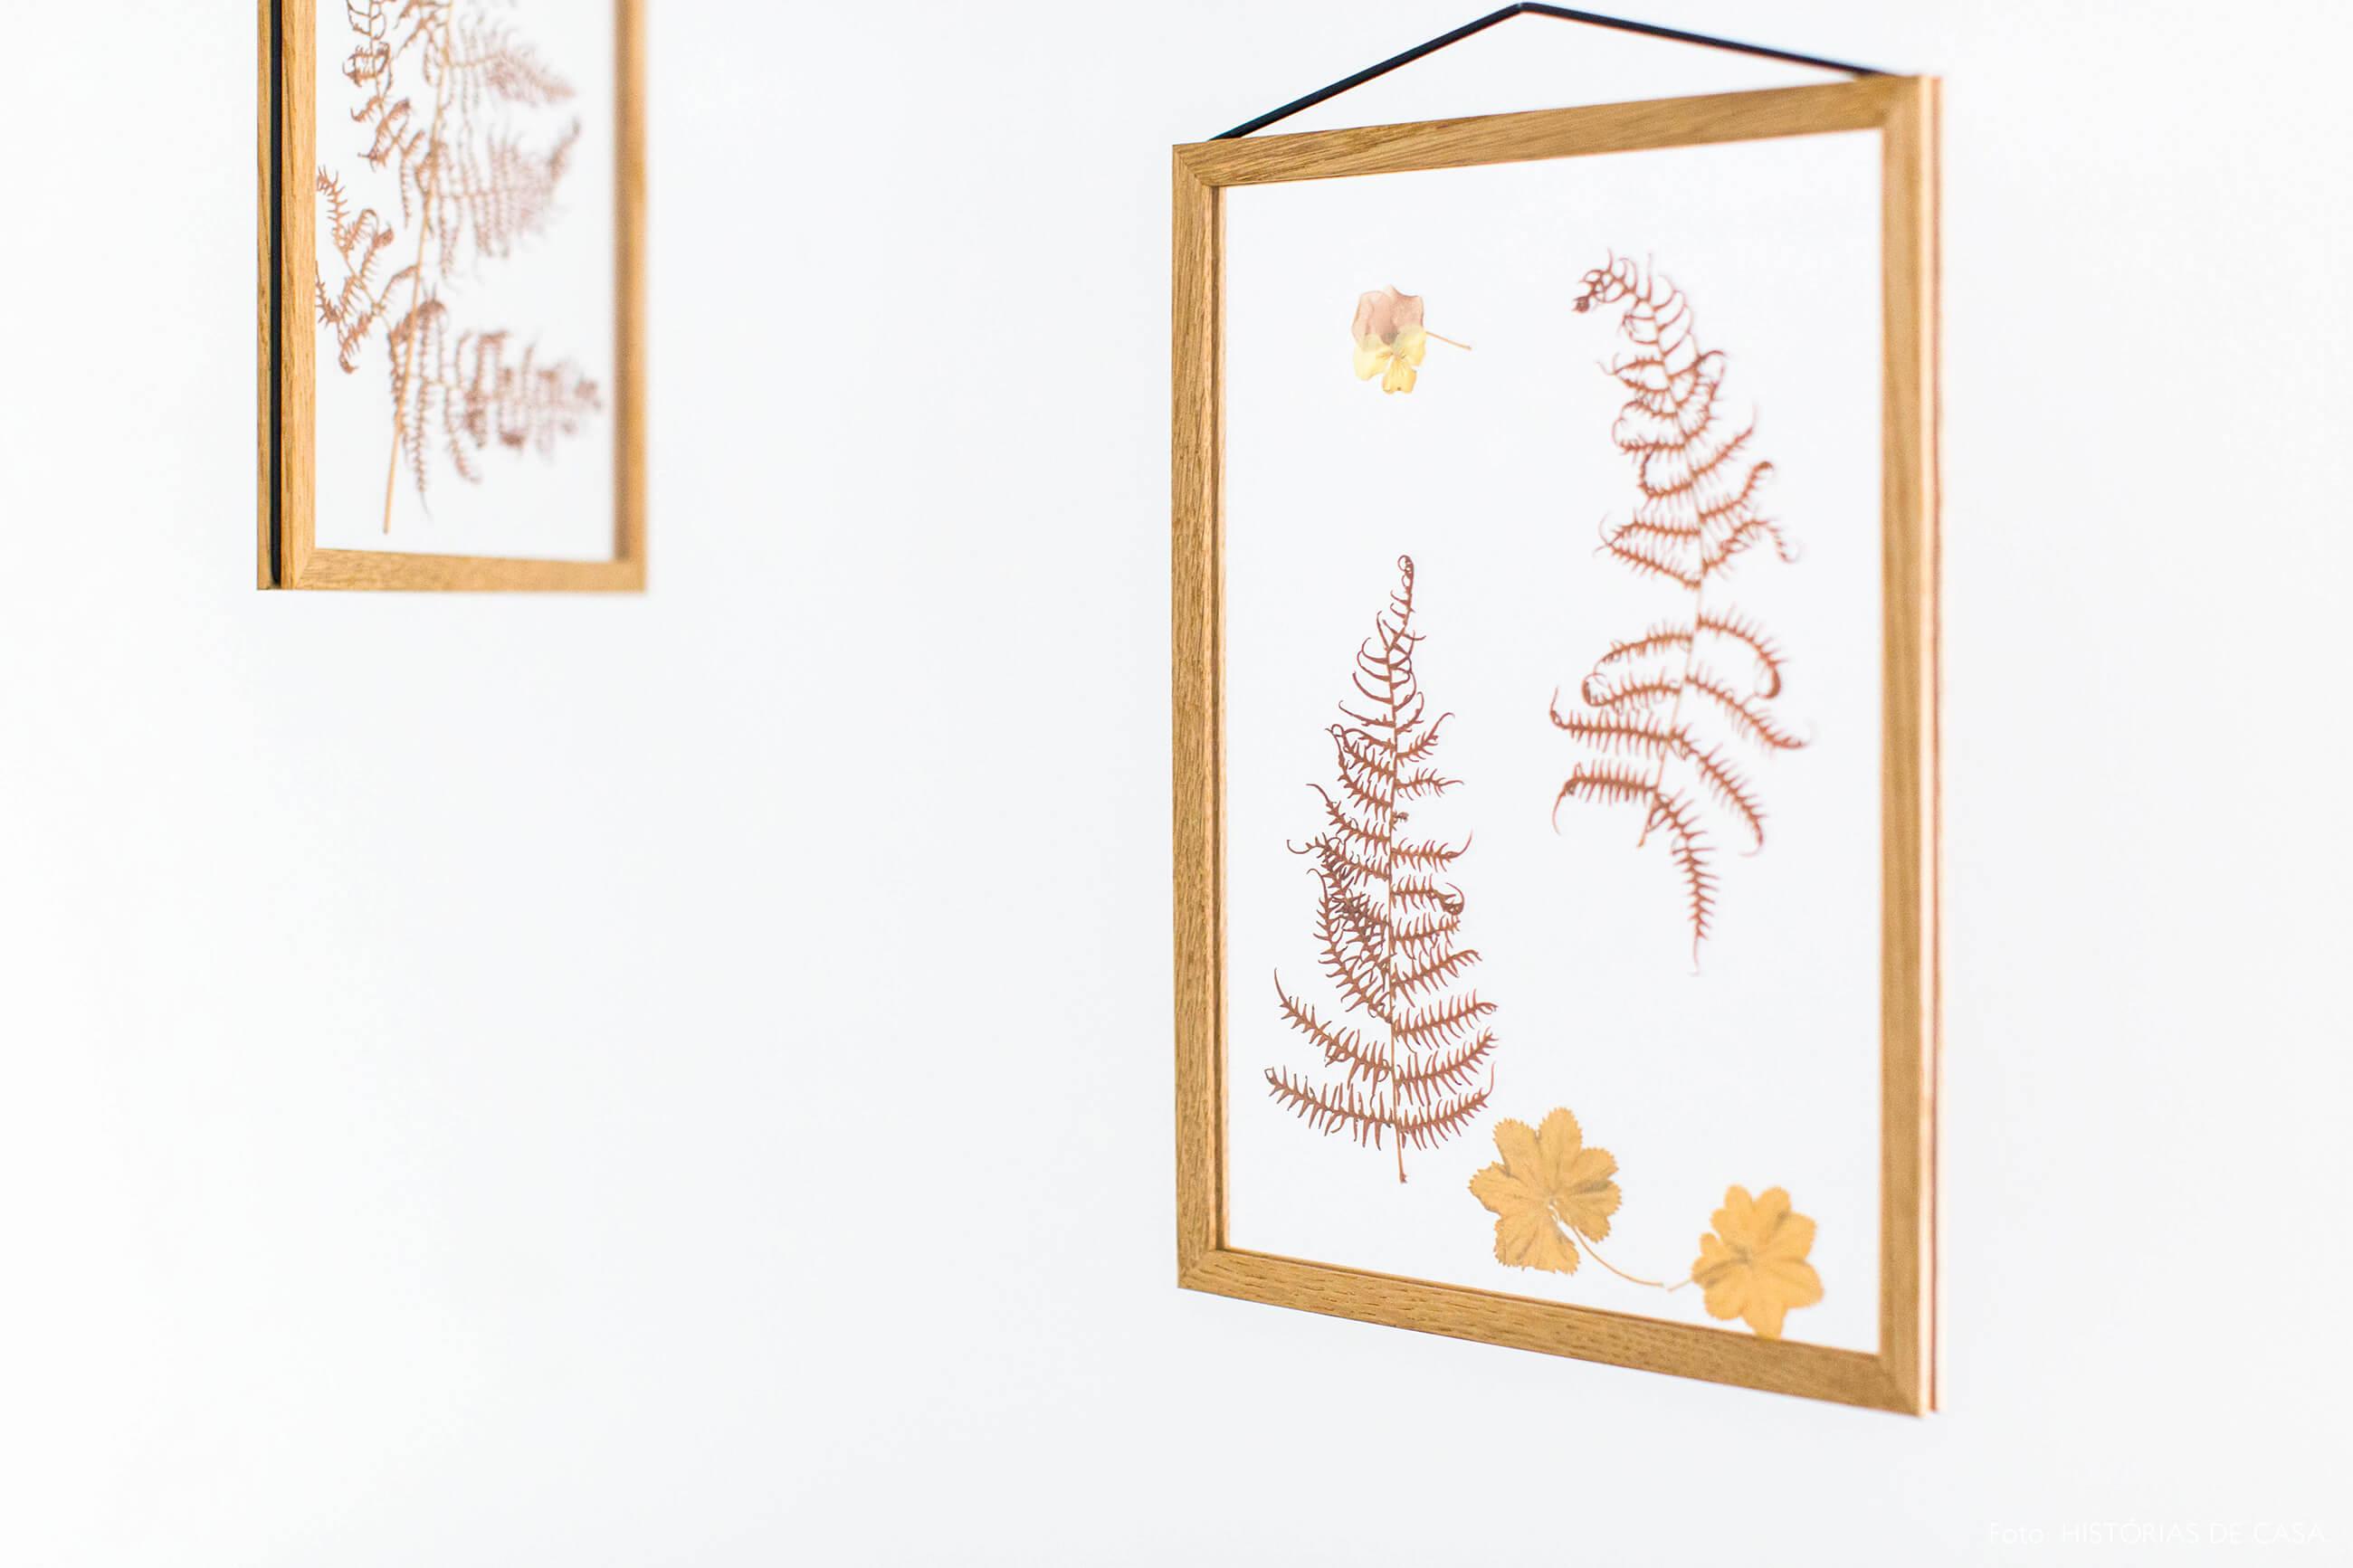 Quadros com flores secas e molduras suspensas